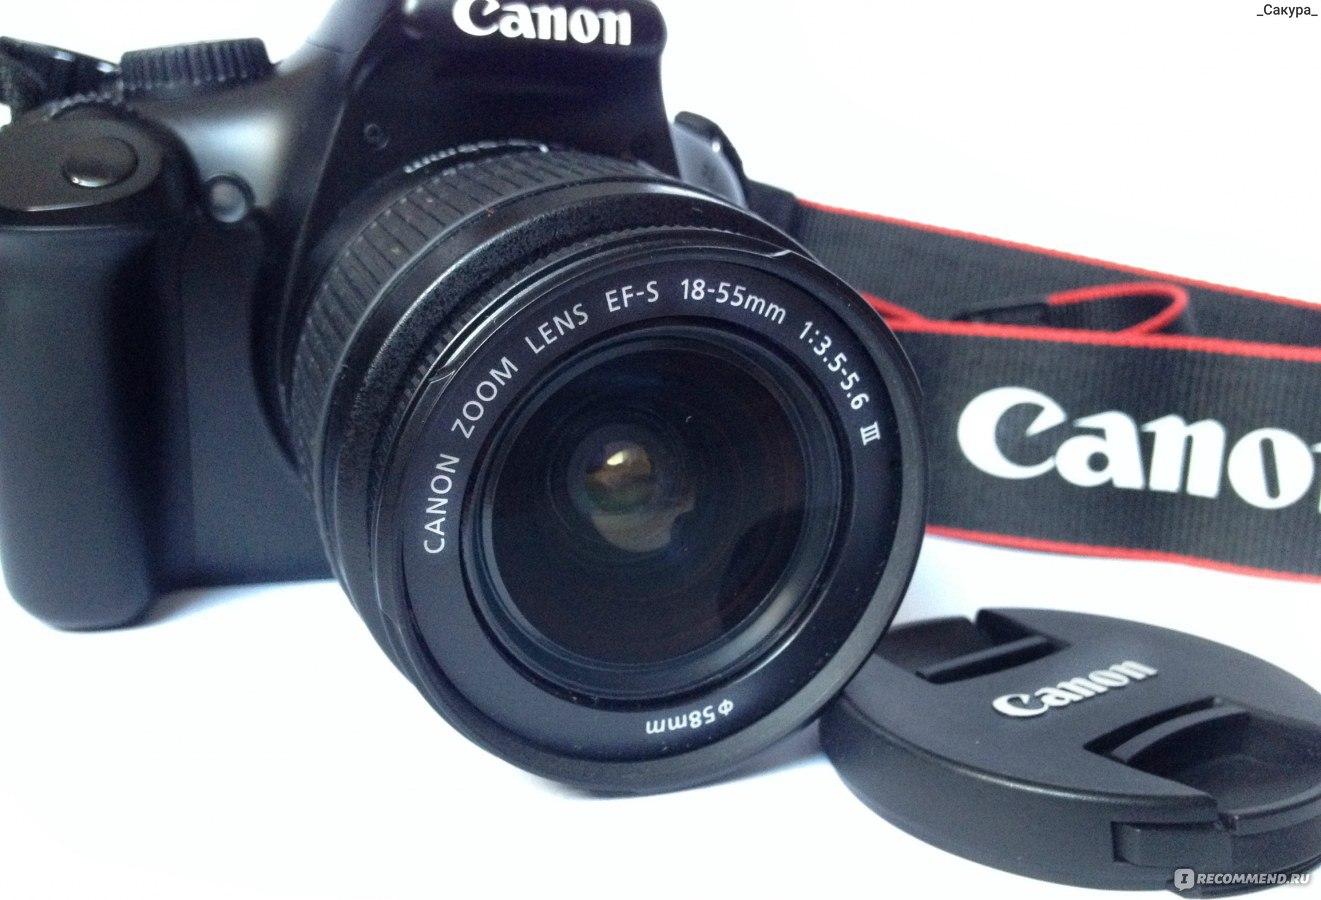 Как настроить фотоаппарат. Советы 39